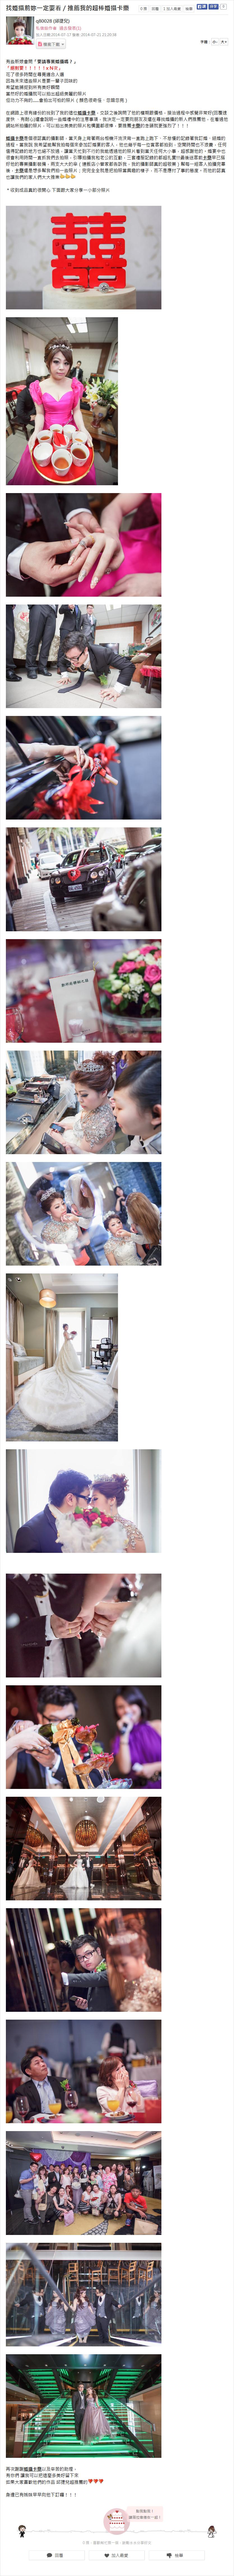 婚攝推薦,推薦婚攝,婚禮攝影師推薦,非常婚禮推薦,婚攝卡樂推薦,婚攝,140601非常婚禮